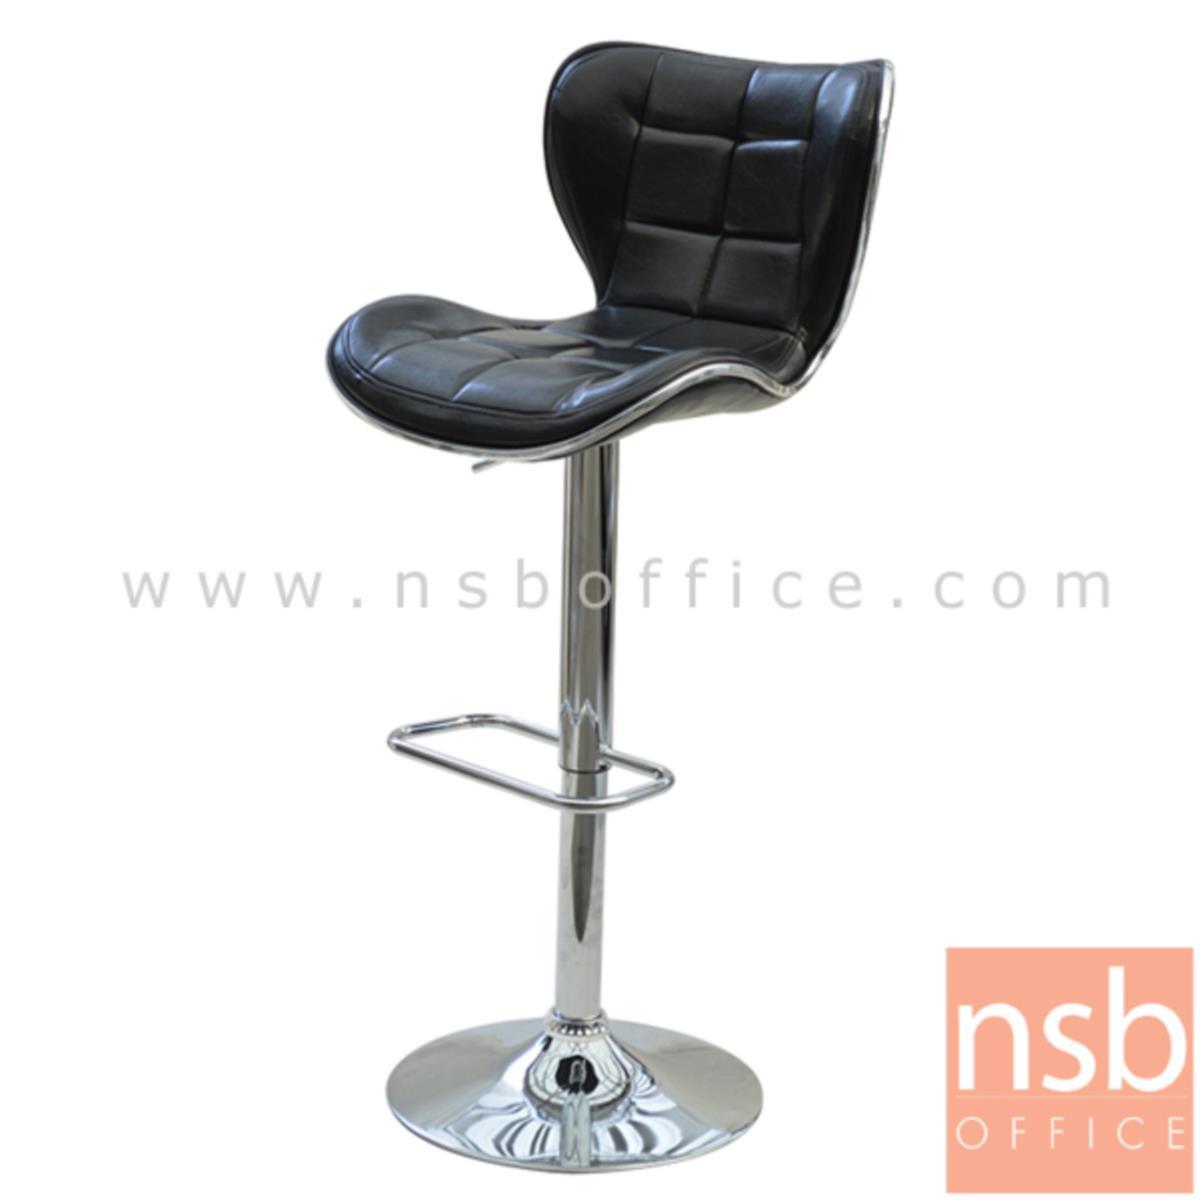 เก้าอี้บาร์สูงหนัง PU รุ่น NP-3102 ขนาด 44W cm. โช๊คแก๊ส ขาโครเมี่ยมฐานจานกลม